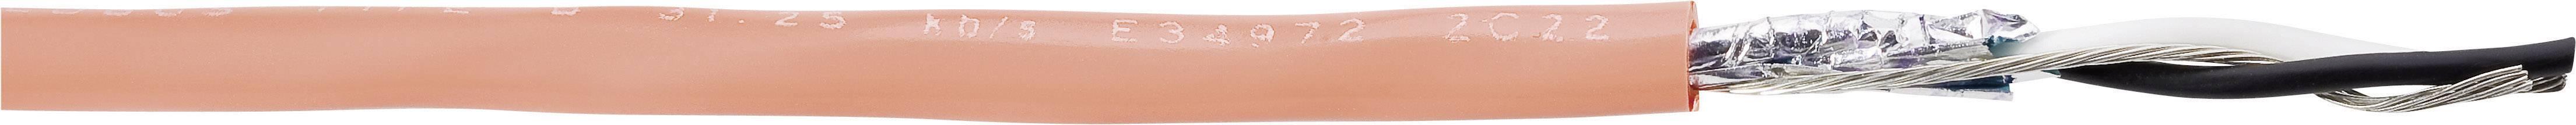 Zbernicový kábel Belden 3077F003500, vnější Ø 5 mm, oranžová, metrový tovar